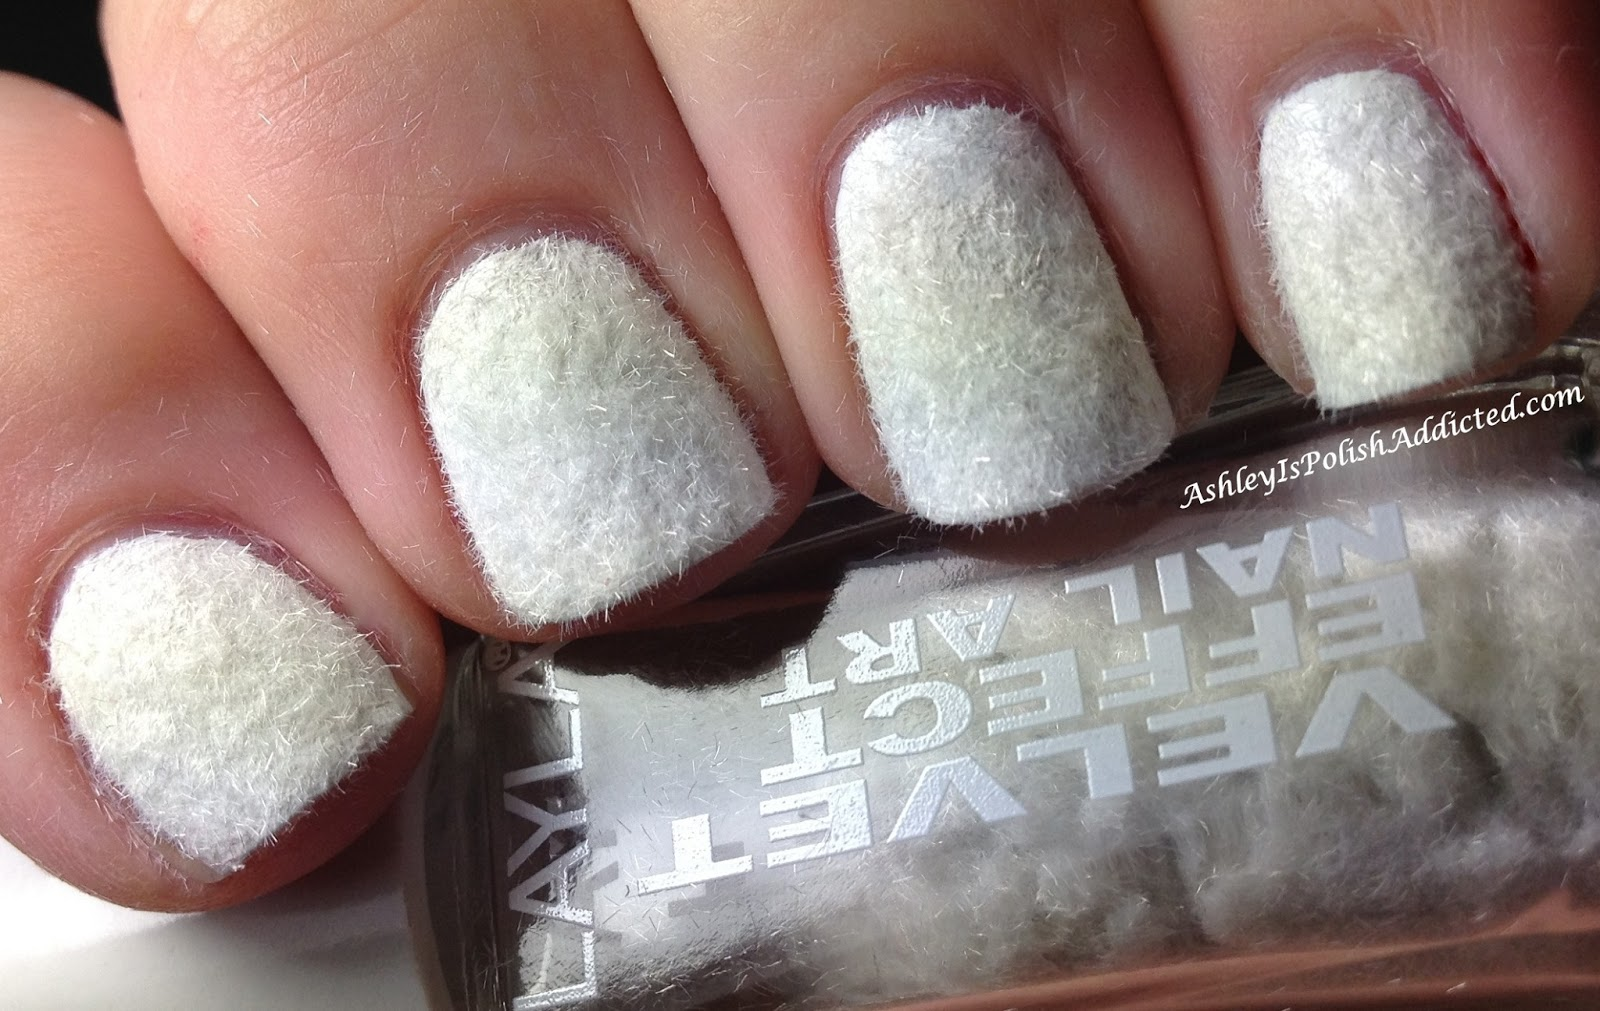 Ashley is PolishAddicted: Layla Velvet Effect Nail Art ...